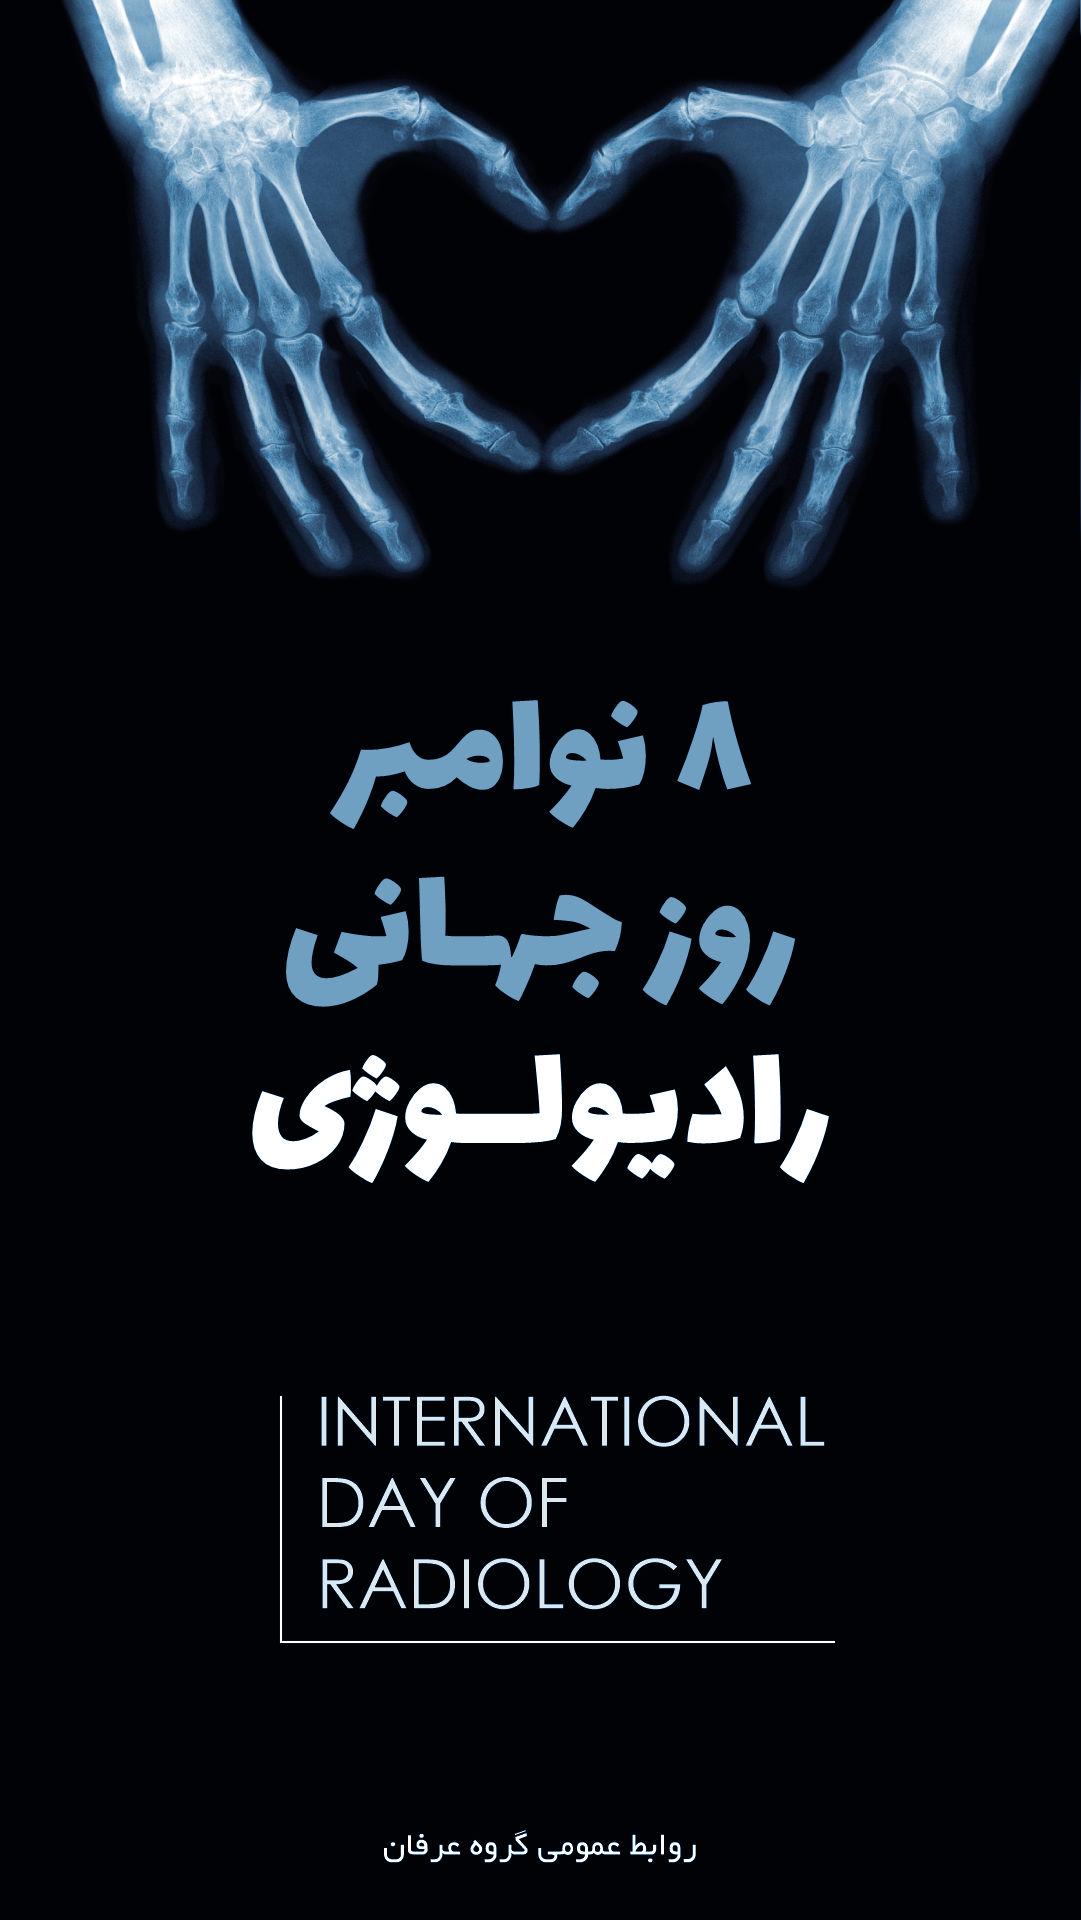 روز جهانی رادیولوژی